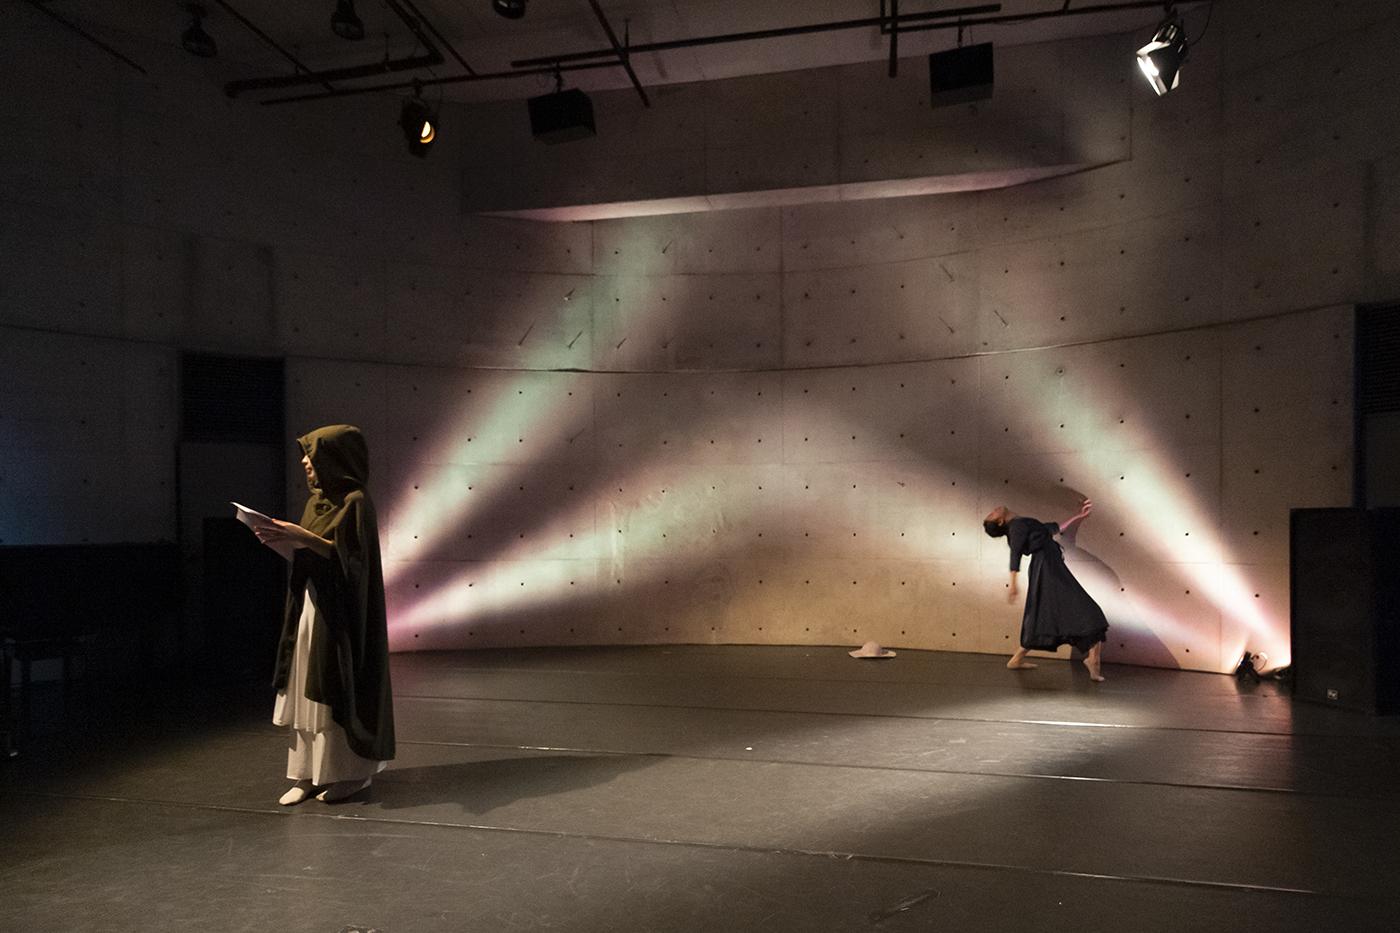 Mao's Contemporary Danece Room 主催 half moon hall 自主公演